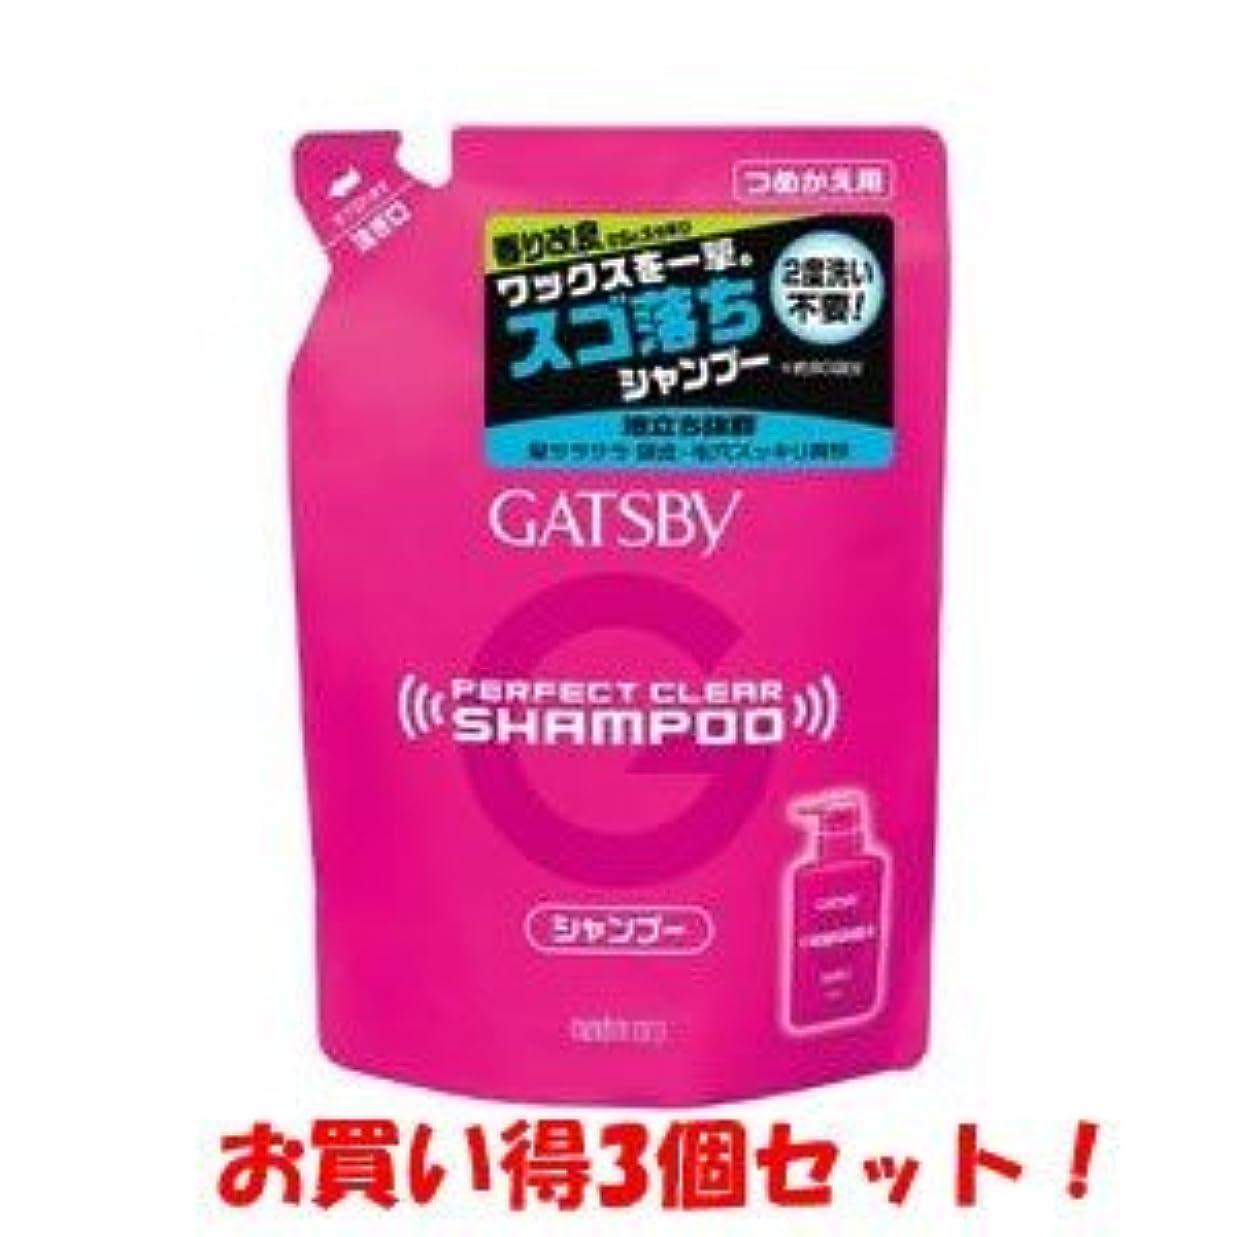 翻訳以前はピカソギャツビー【GATSBY】パーフェクトクリアシャンプー 詰替 320ml(お買い得3個セット)